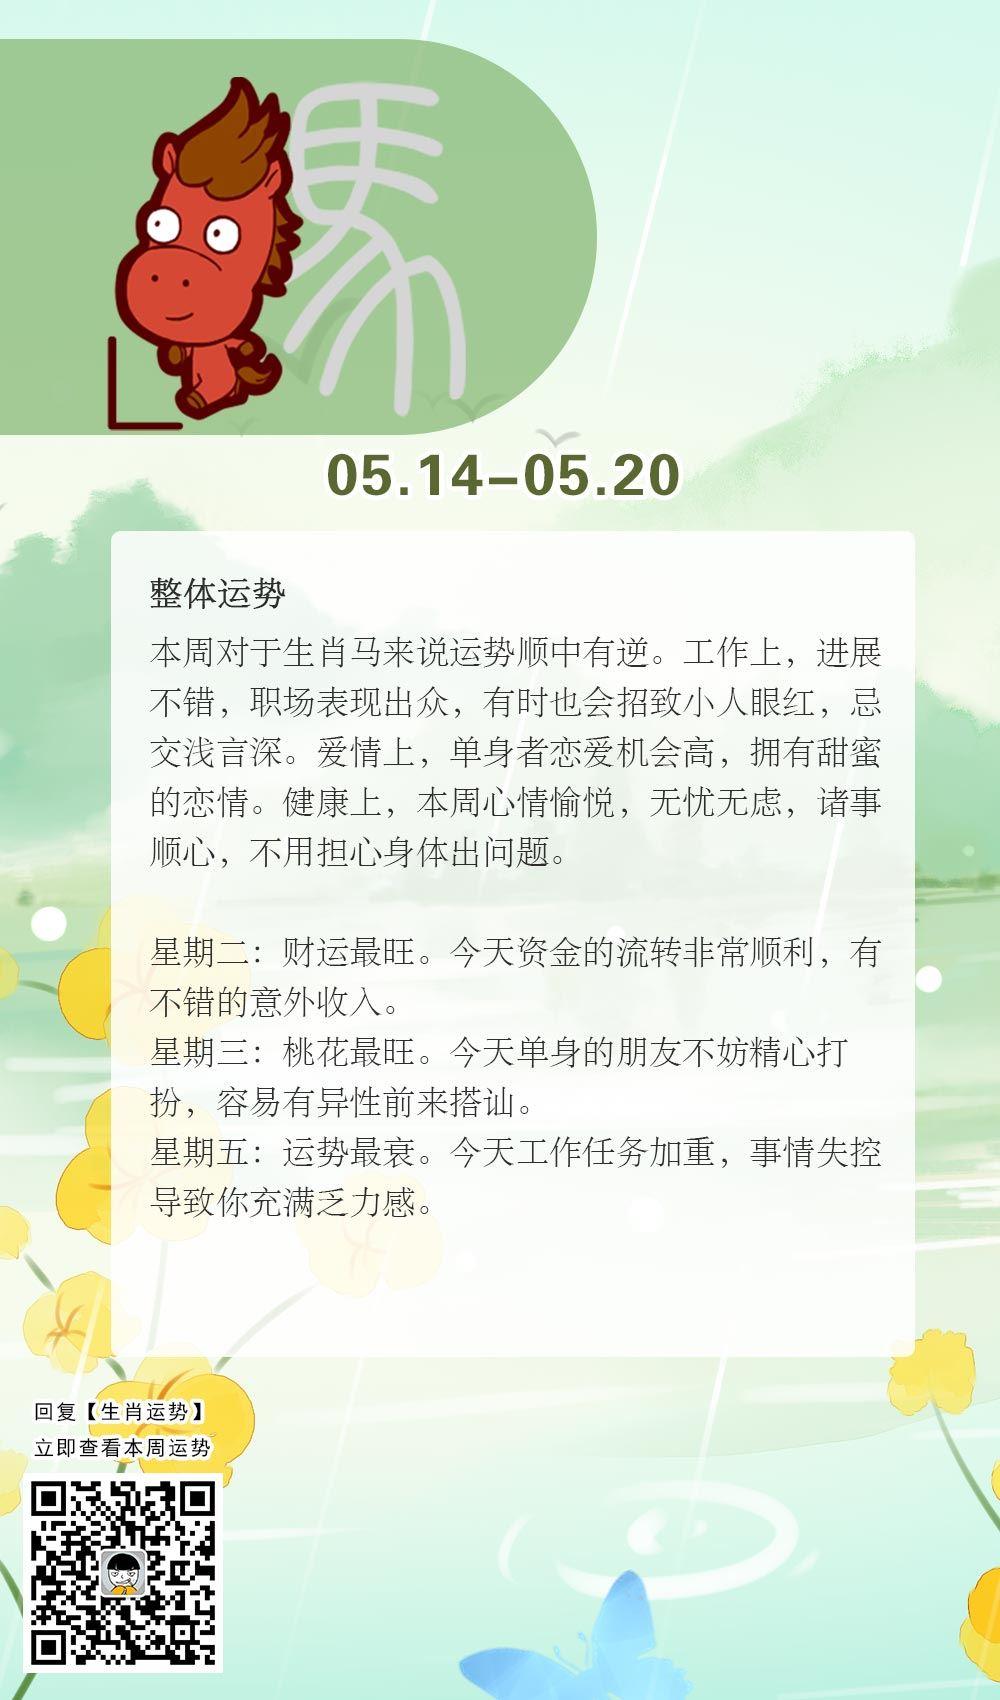 生肖马本周运势【2018.05.14-05.20】